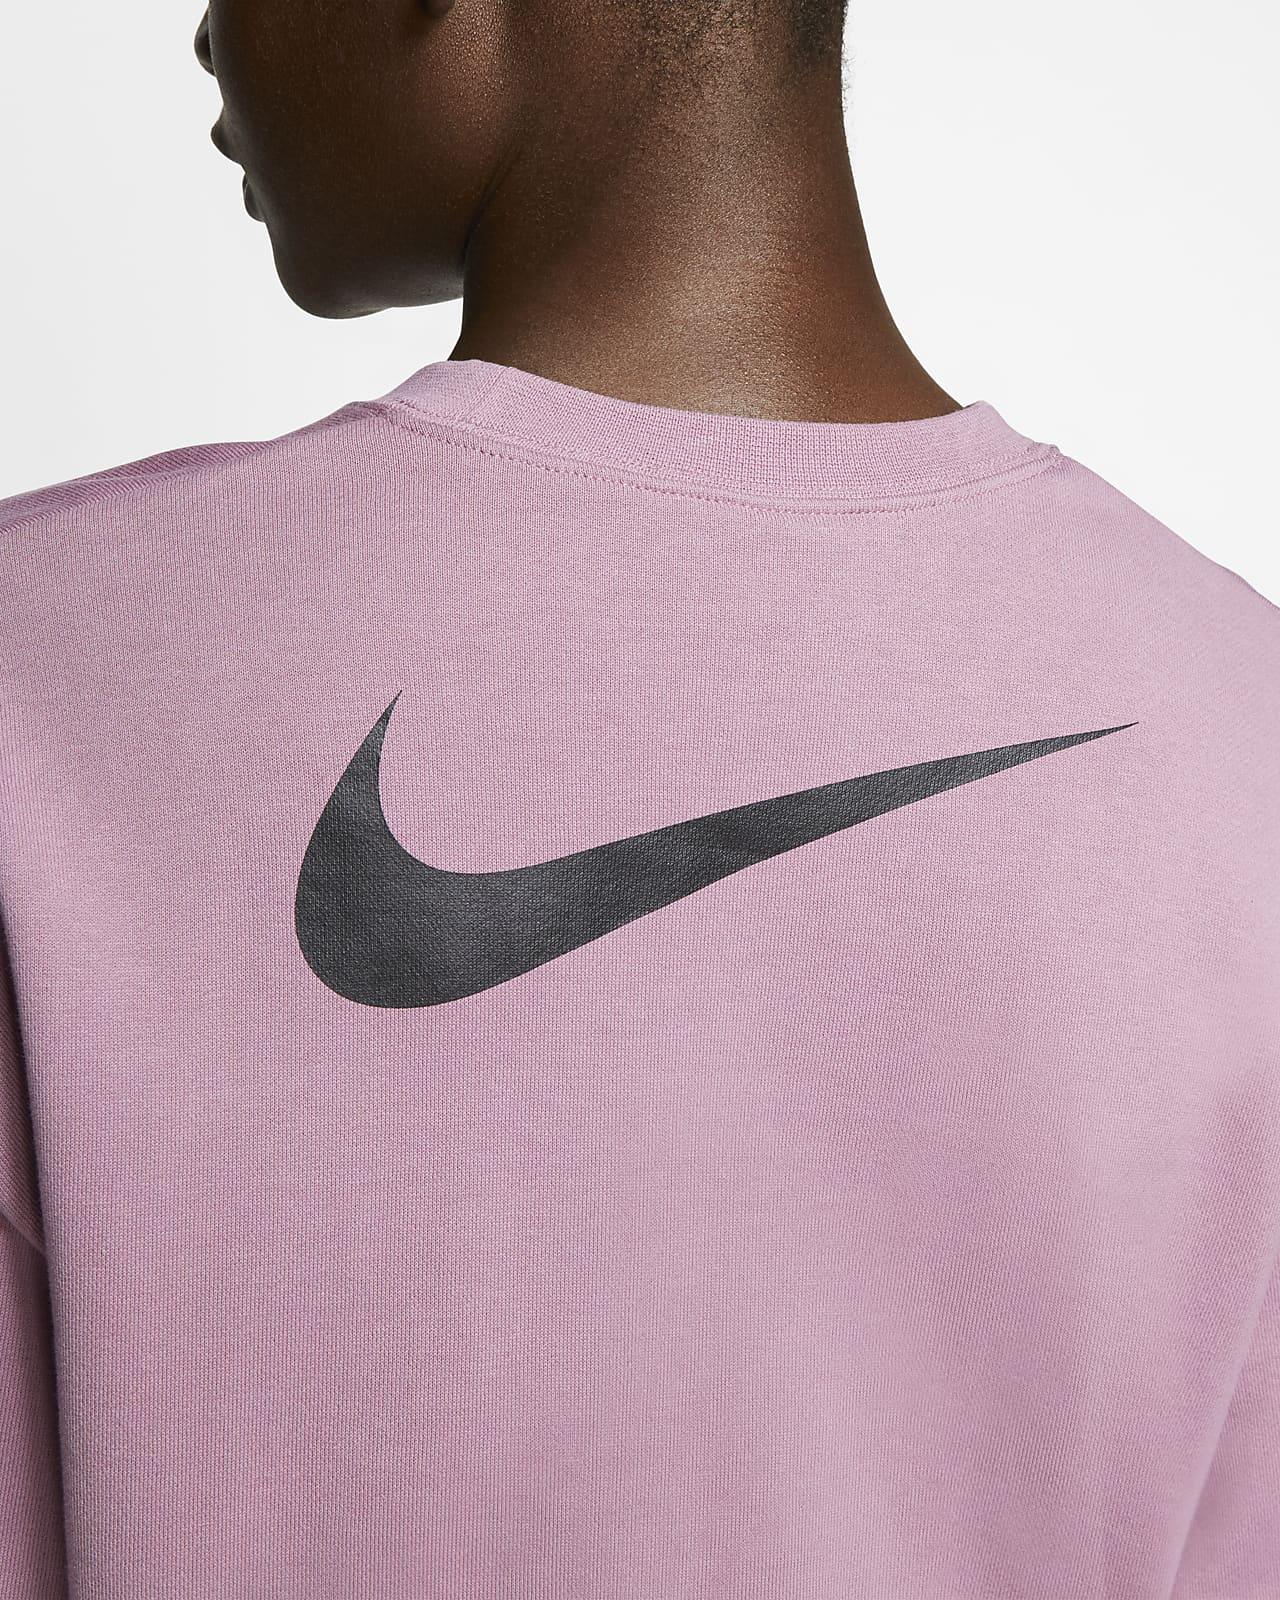 Nike Sportswear Sweatshirt 'Terry' in Rosa   ABOUT YOU